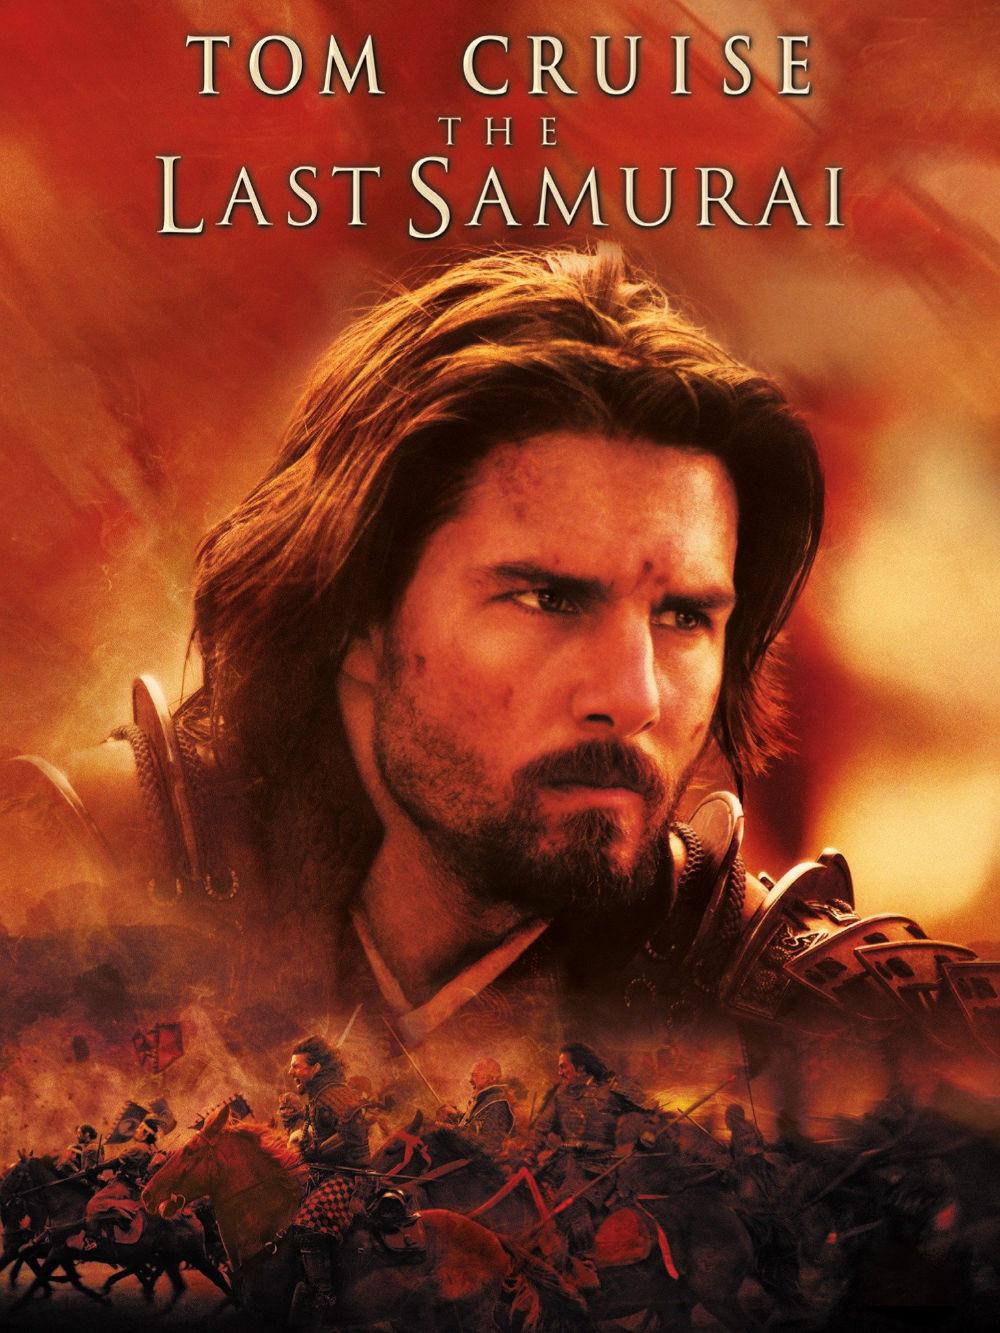 Film Review: The Last Samurai